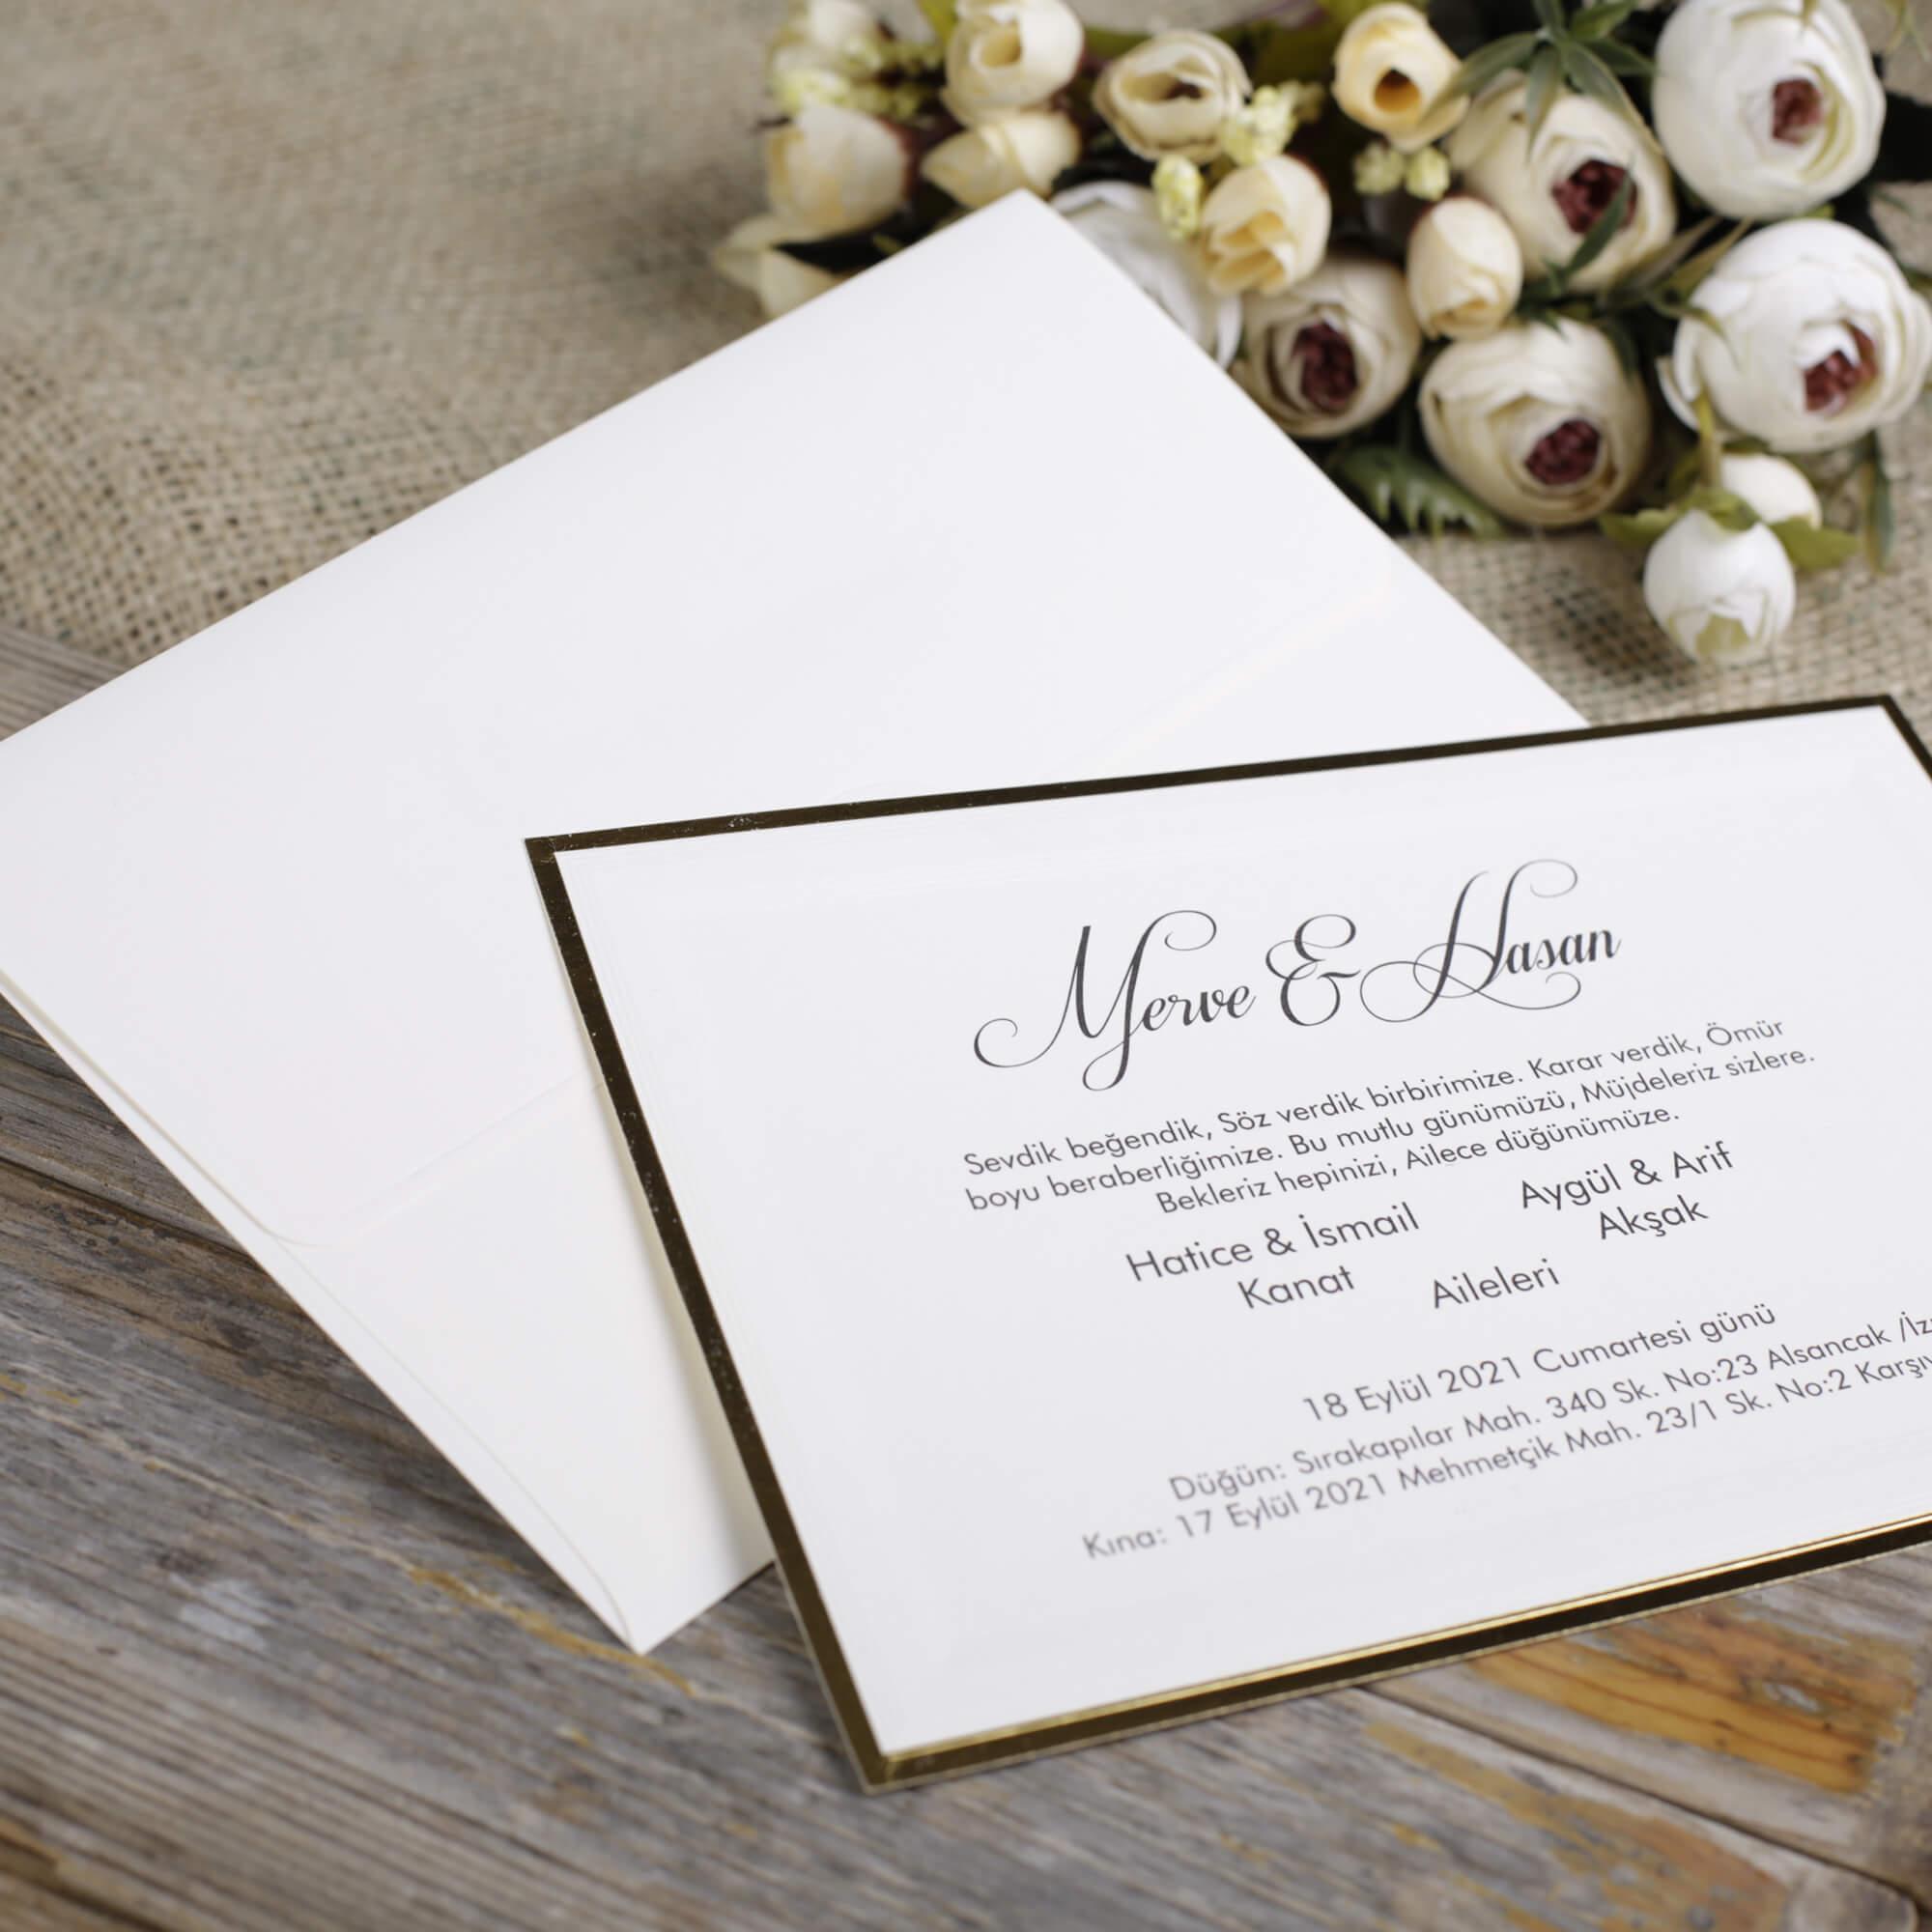 Klasik-Düğün-Davetiyesi-Modelleri-10298-2